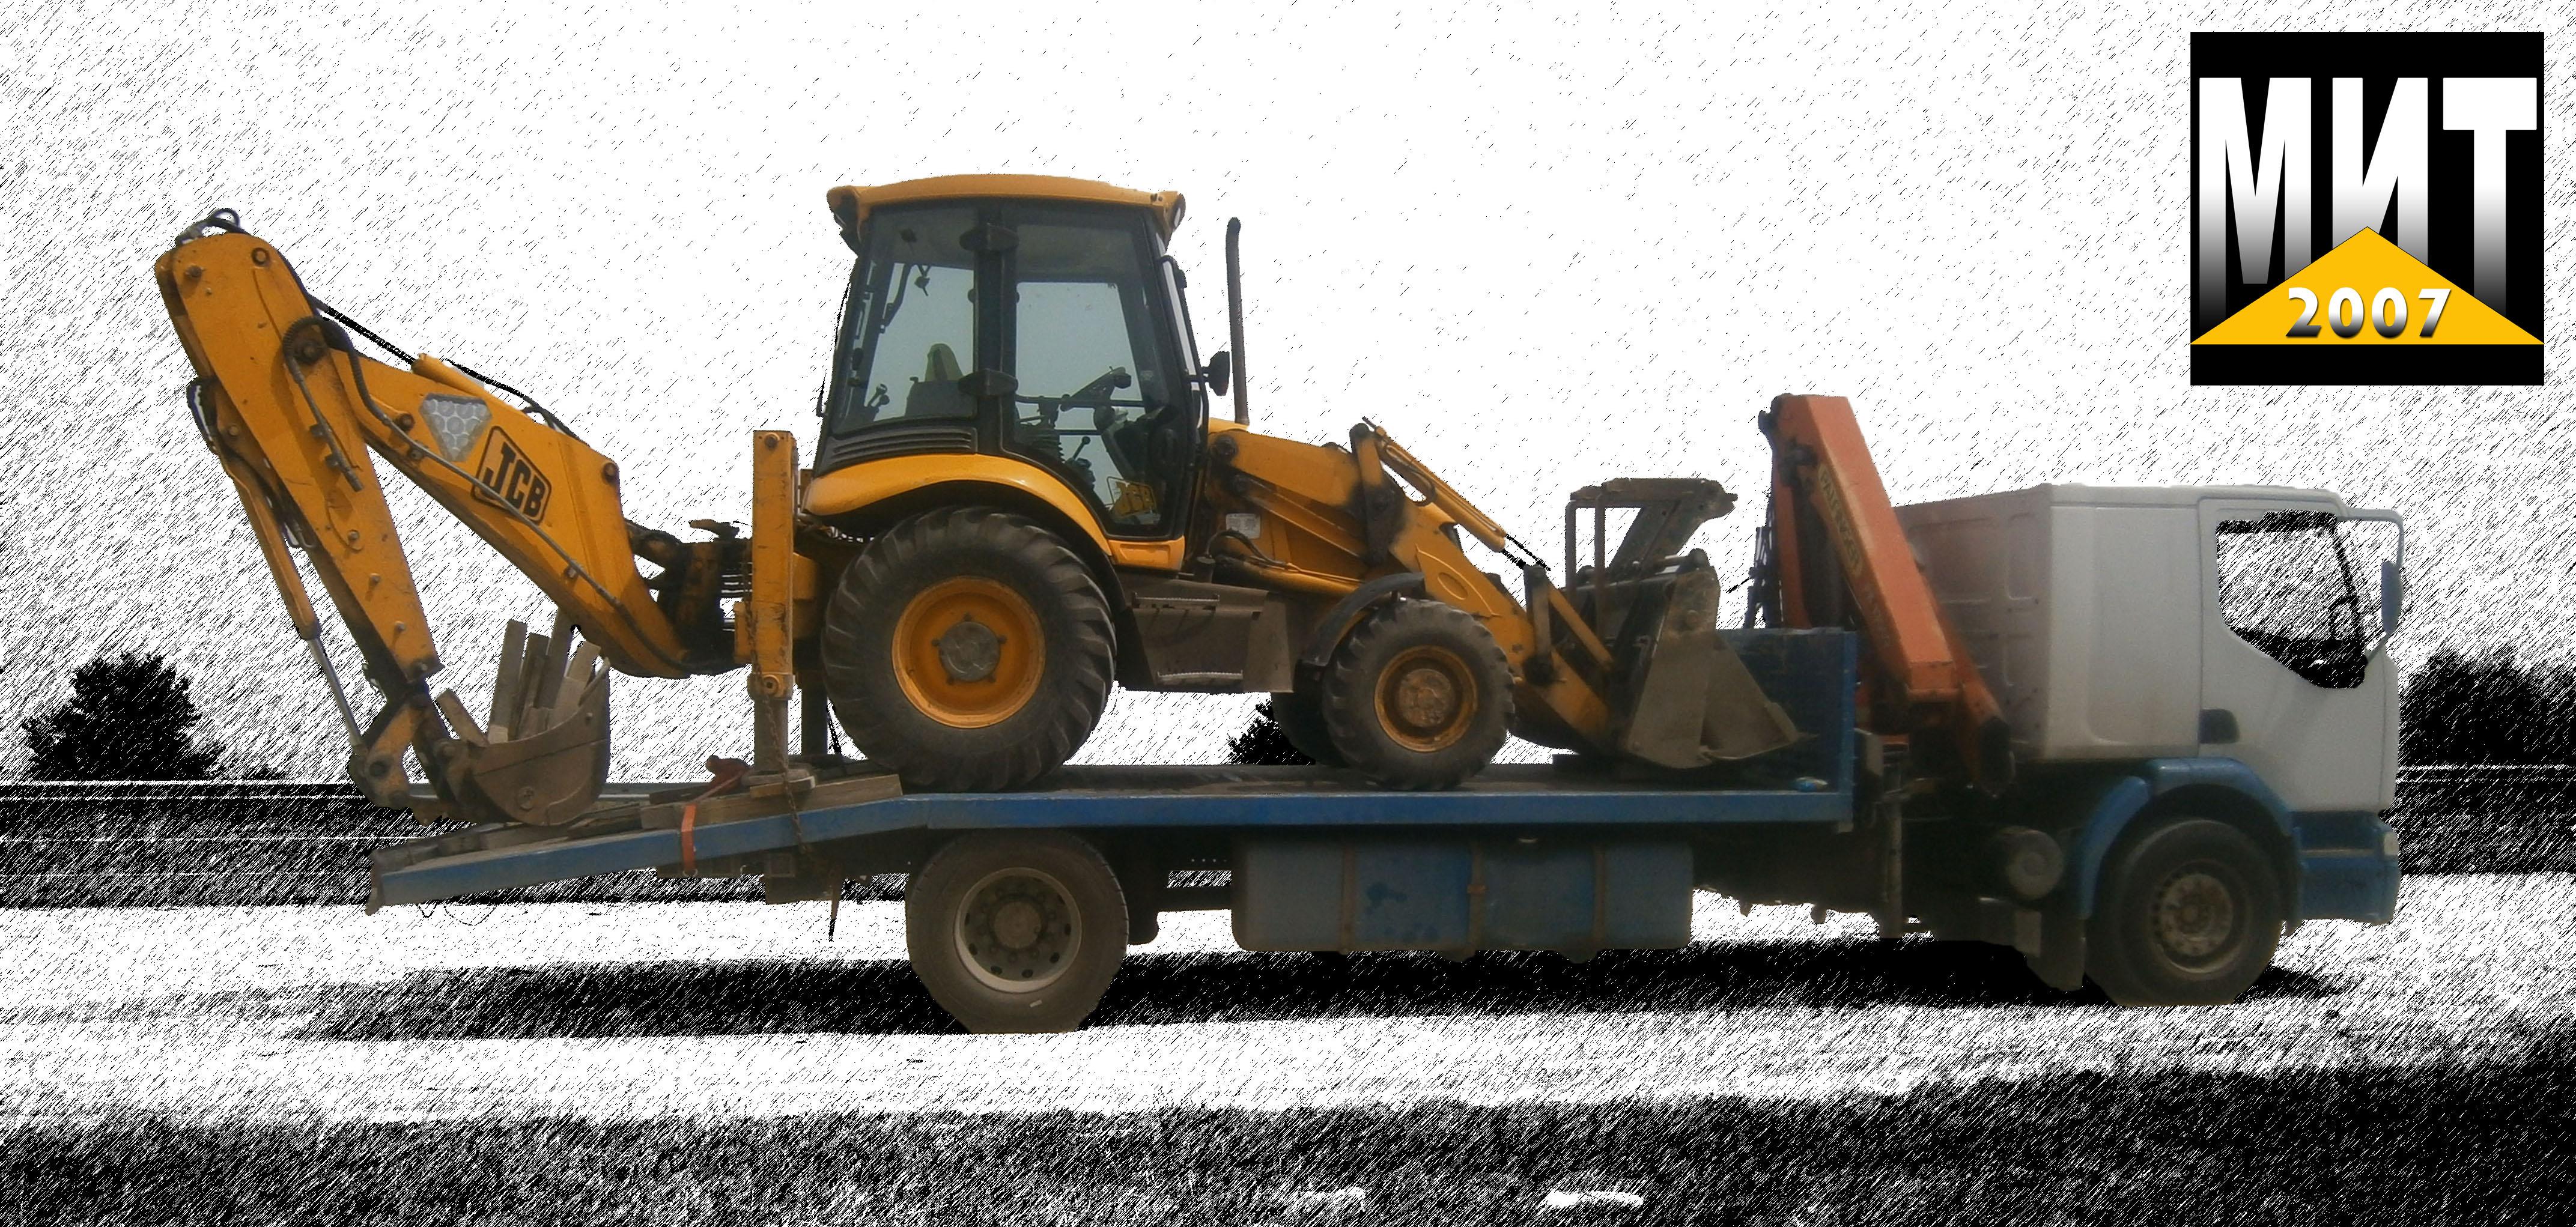 мощна сканиа с платформа за трактори